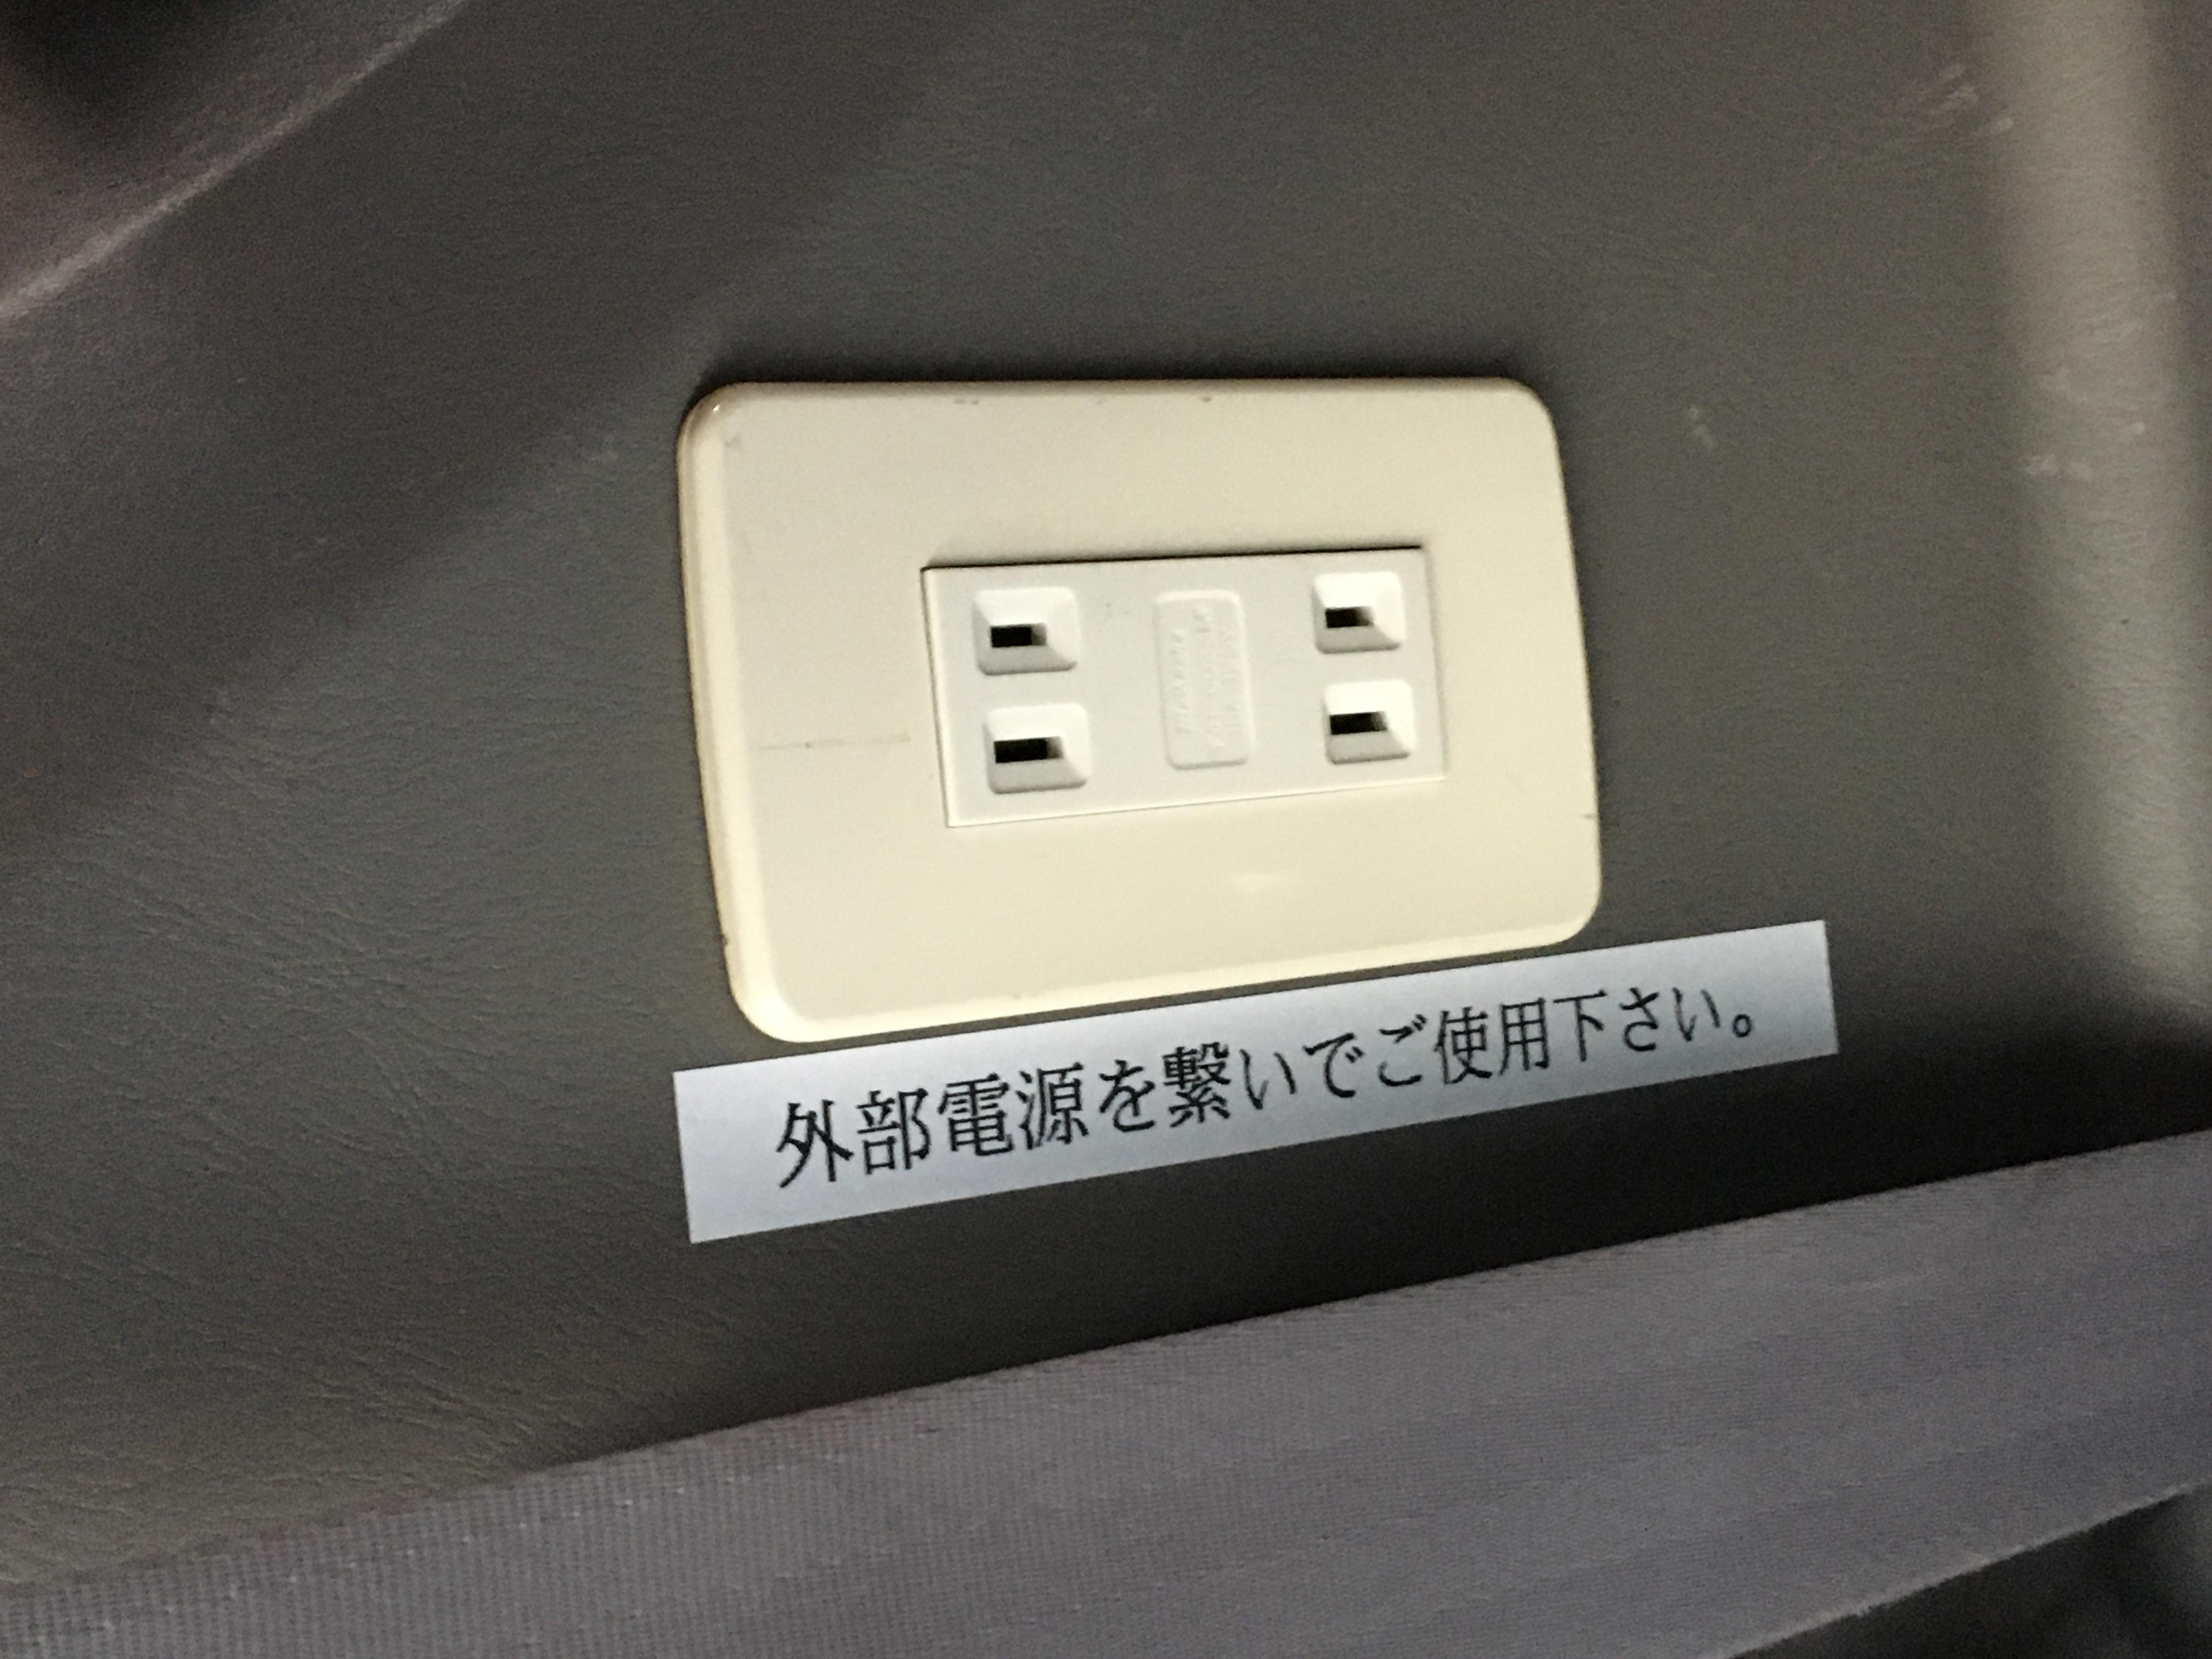 外部電源繋いでご使用下さい